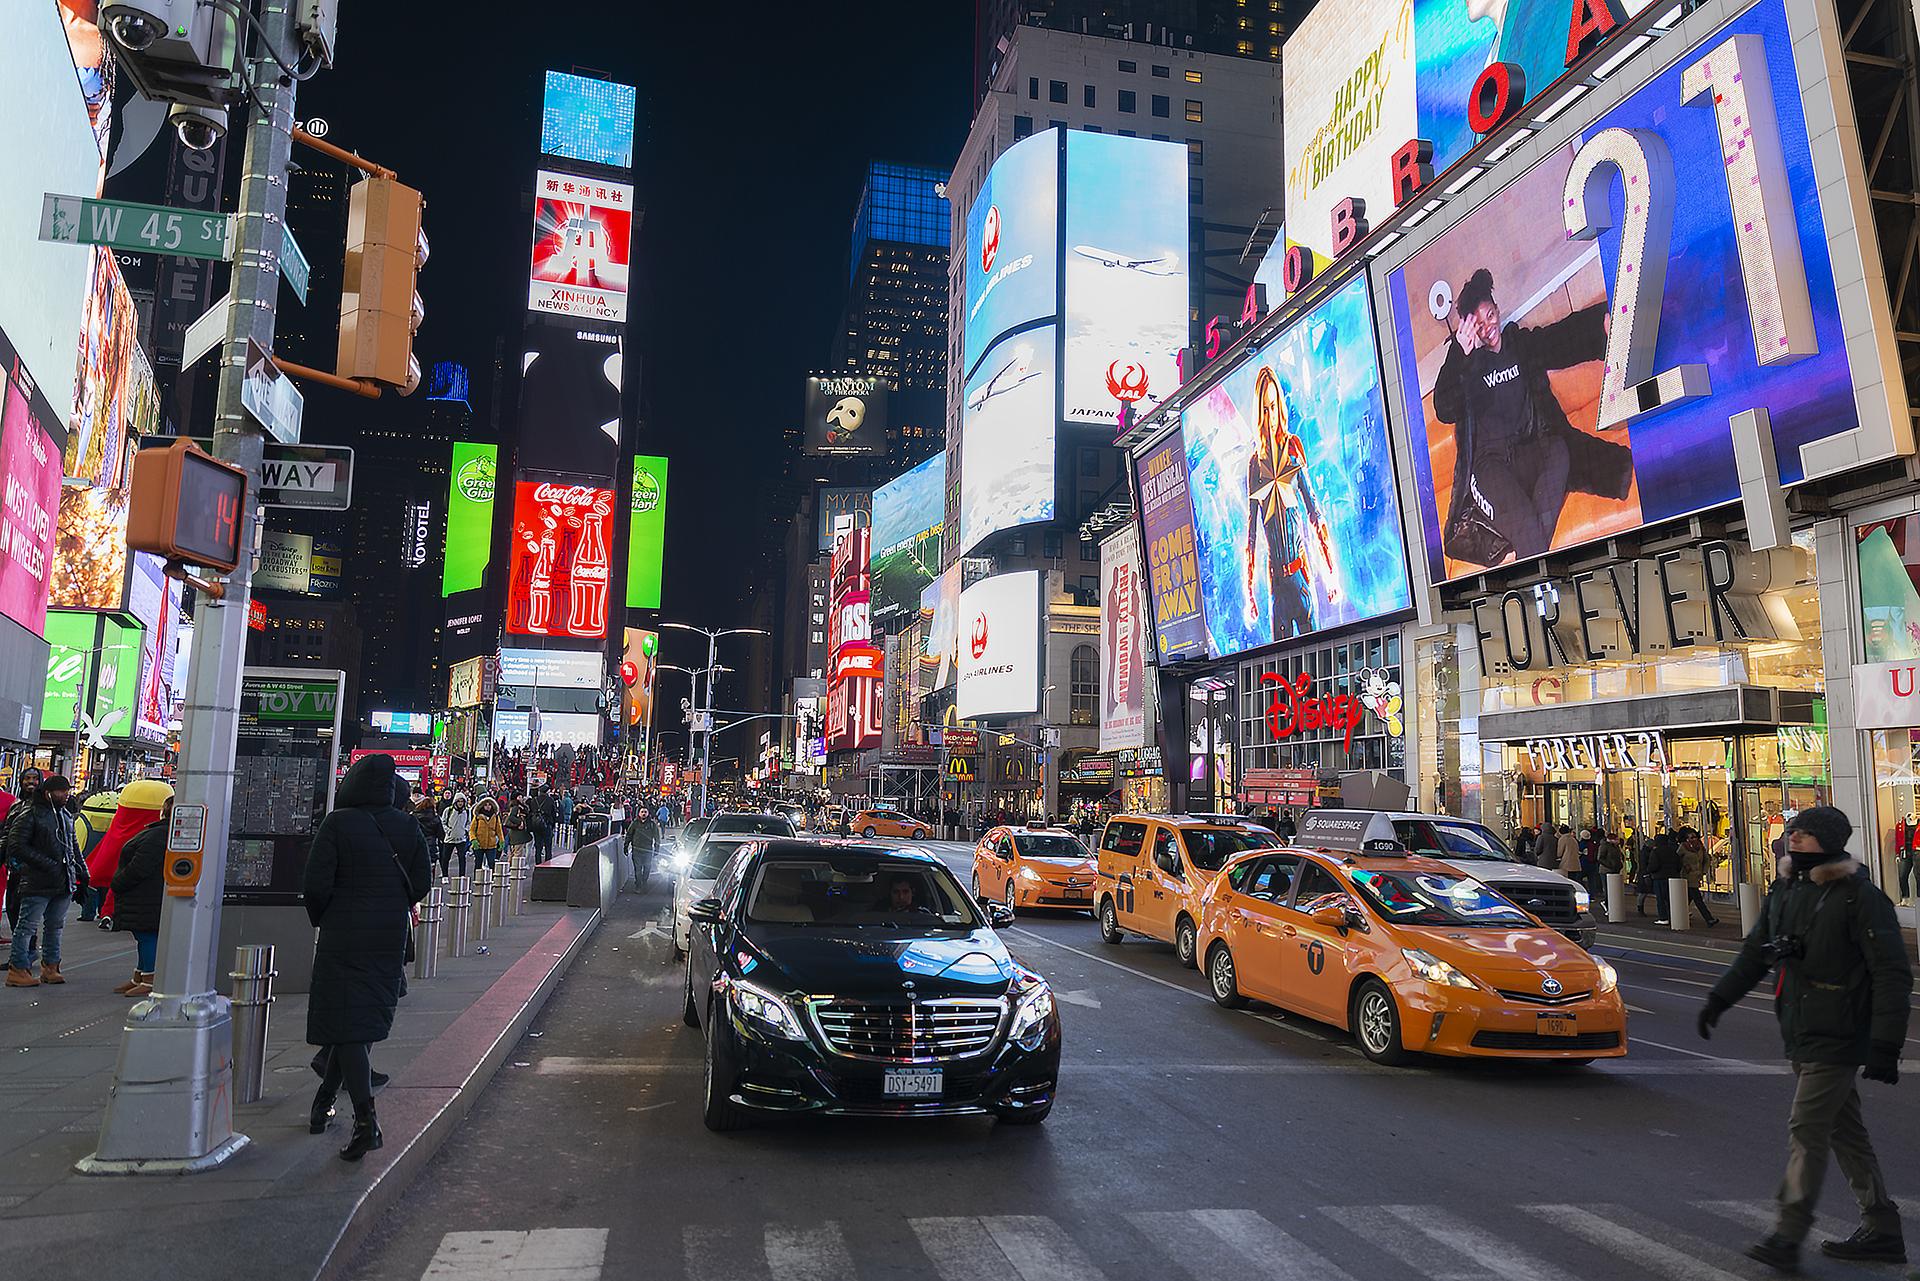 Passeggiando nelle luci di New York...